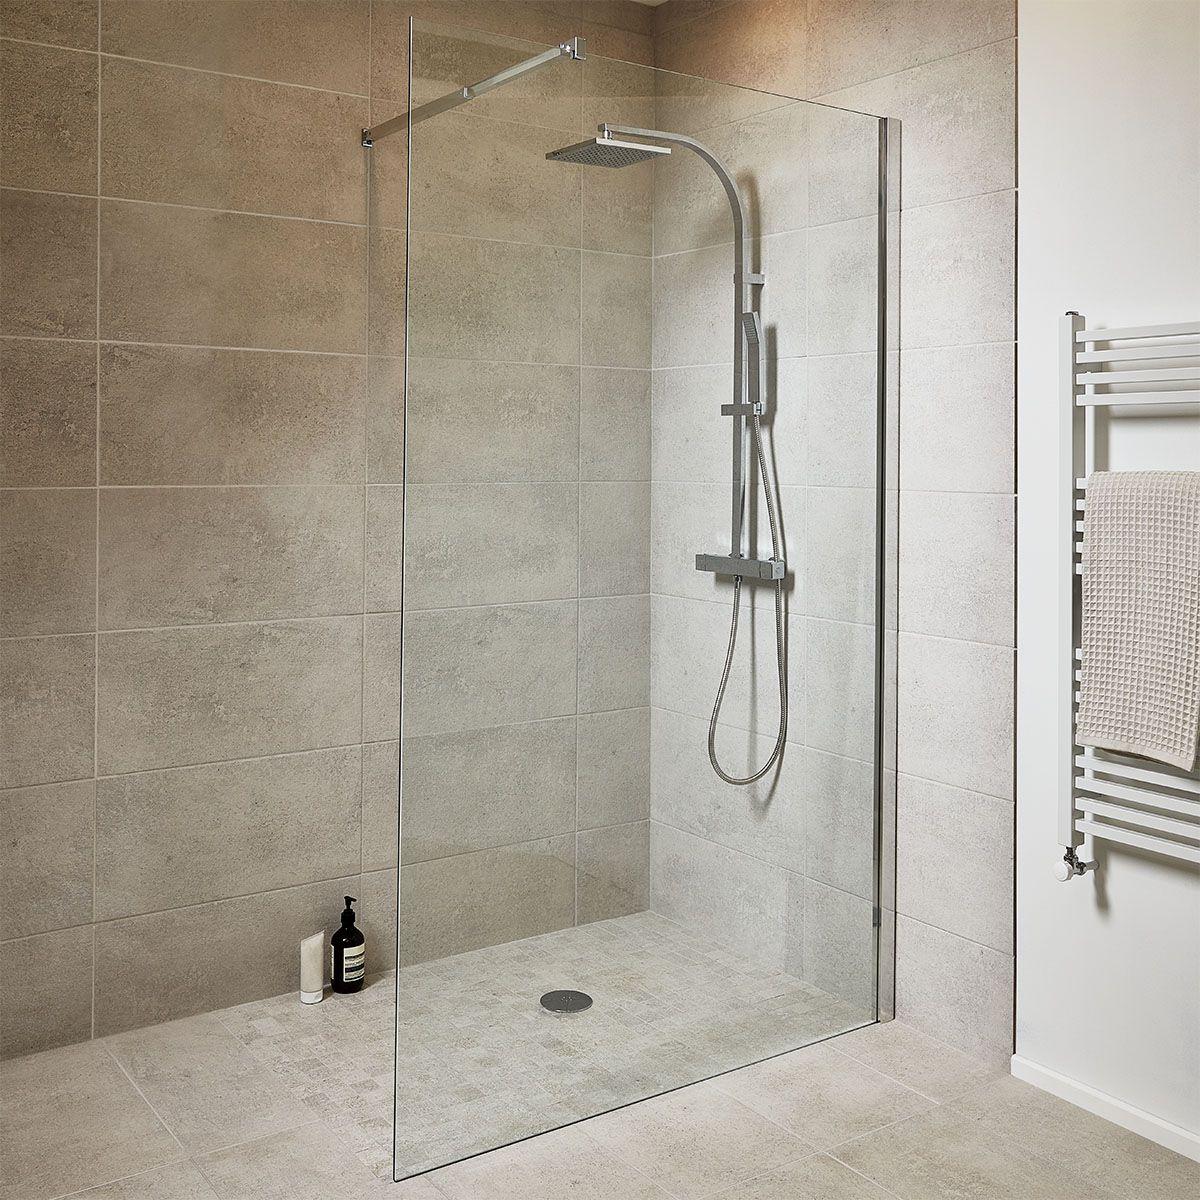 paroi pour douche verre goodhome en 2020 douche italienne douche et douche rectangulaire